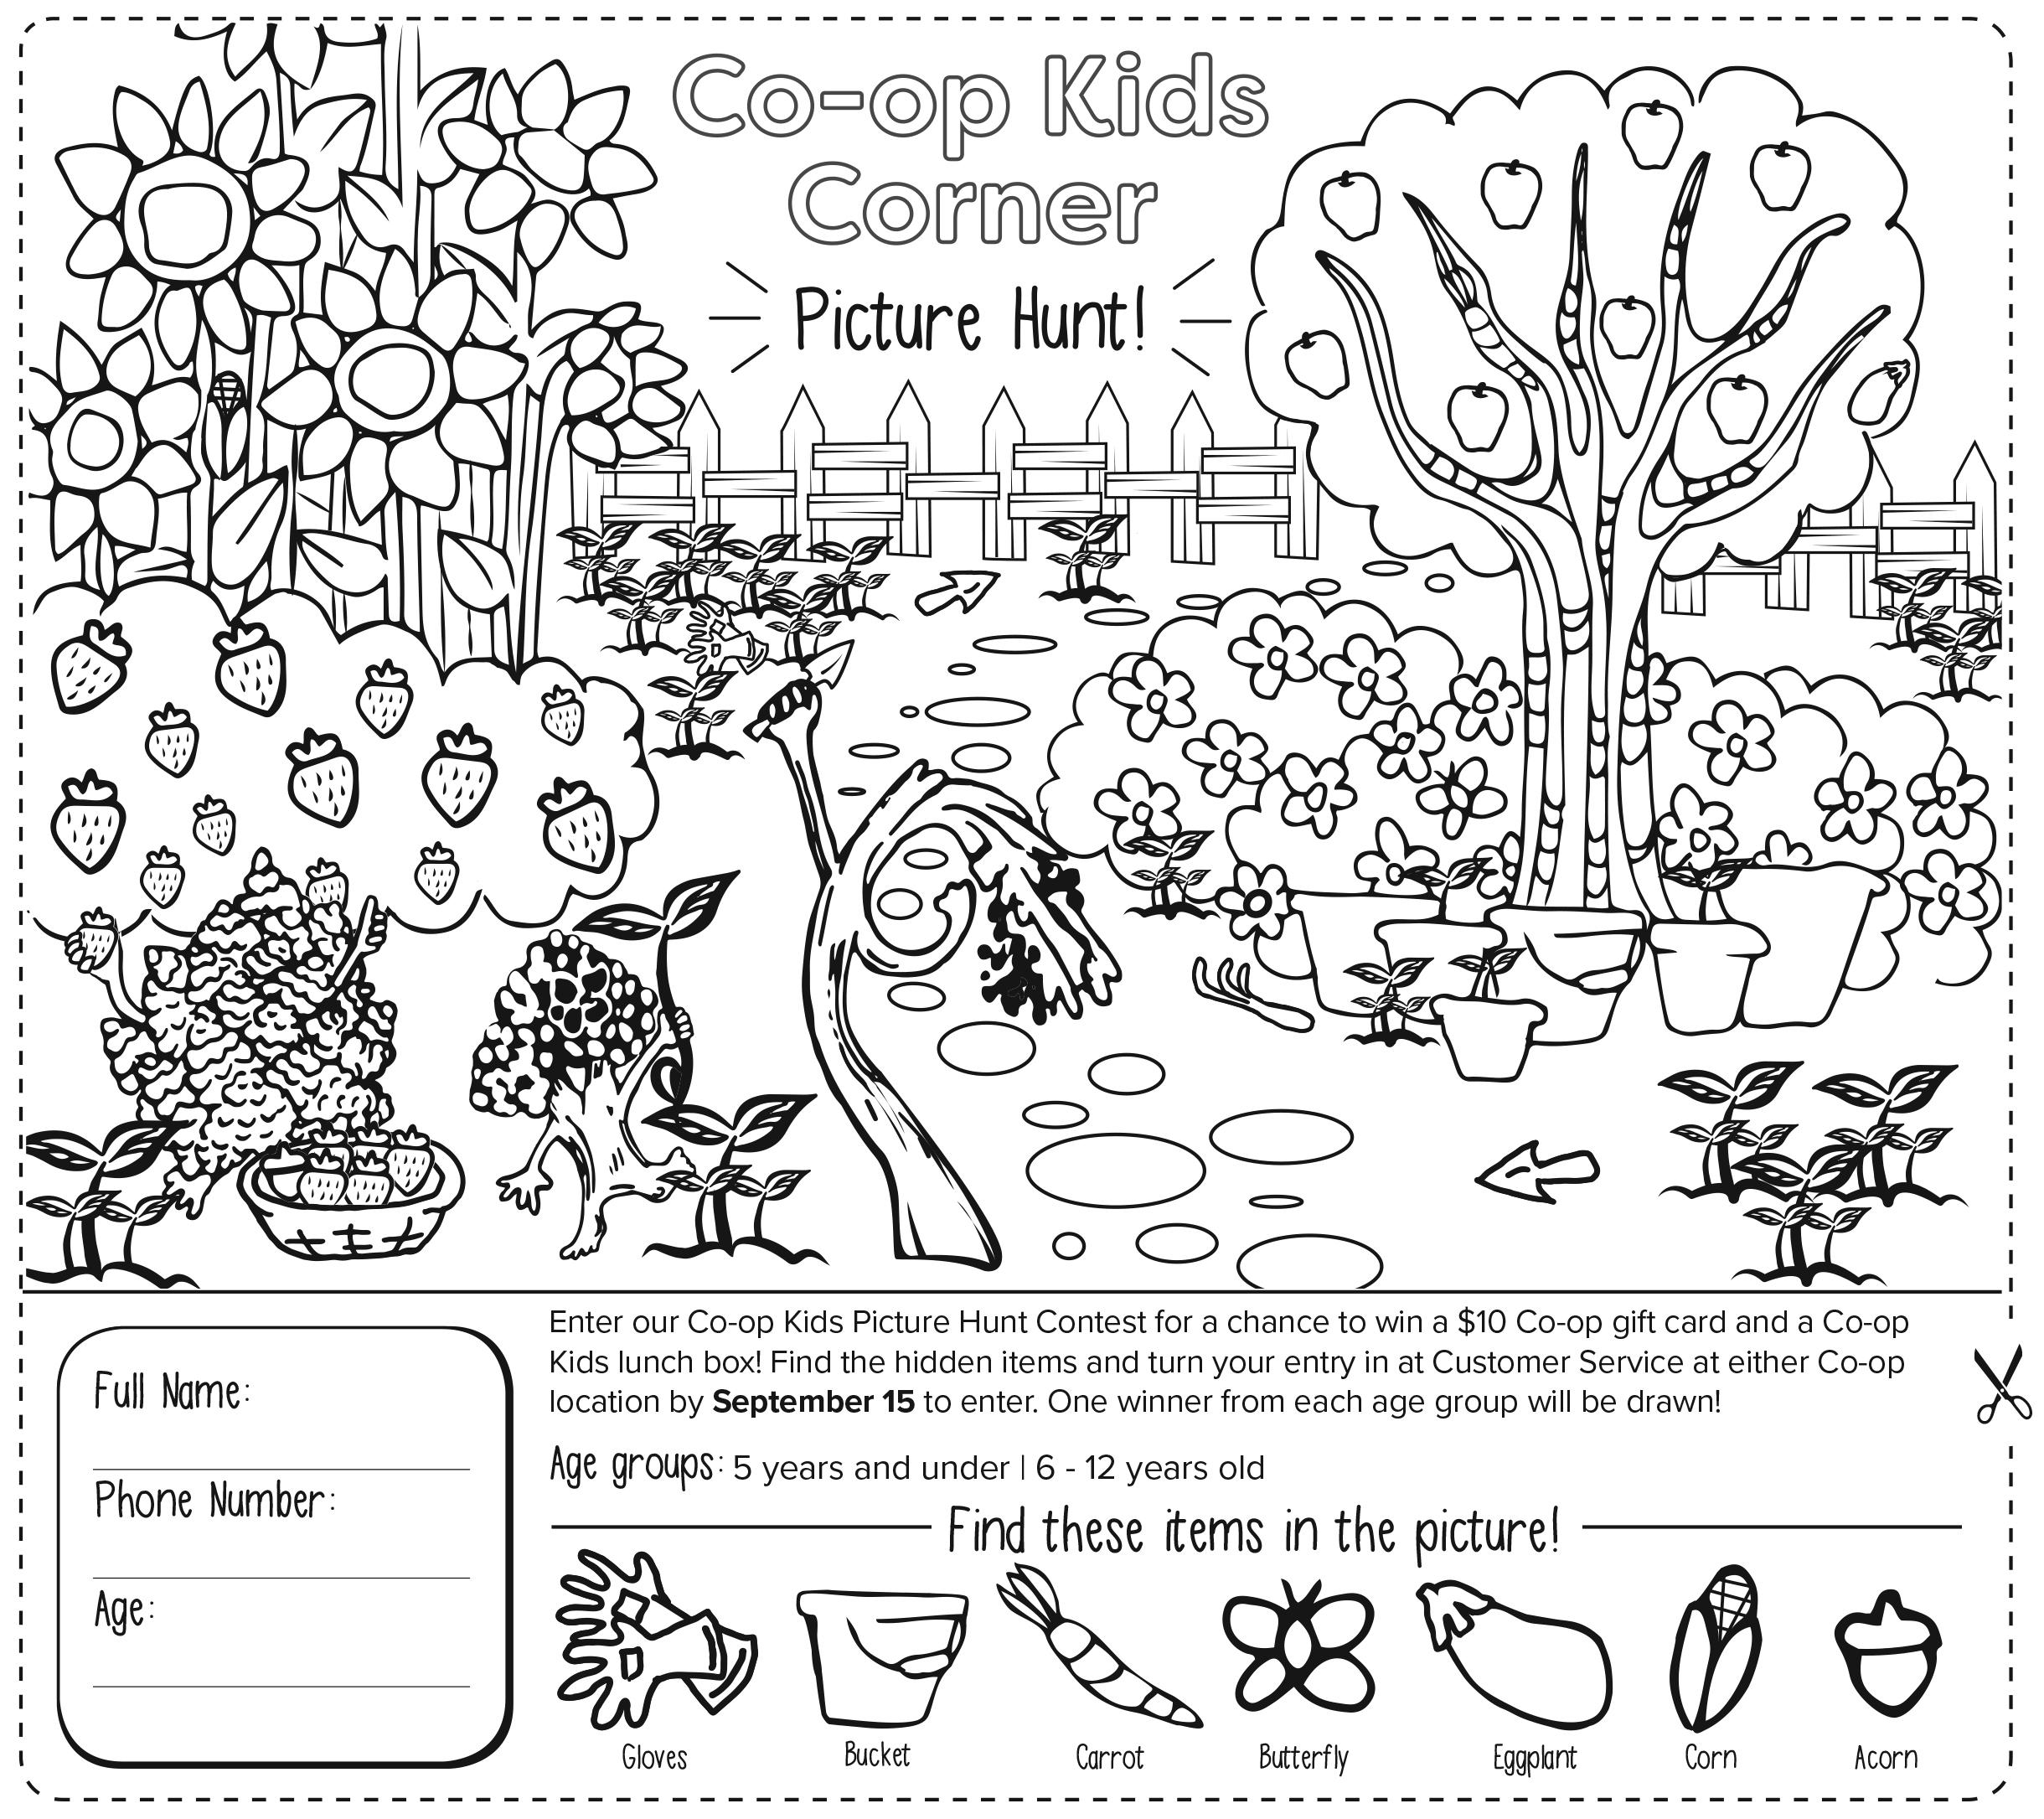 Co-op Kids Corner · North Coast Co-op